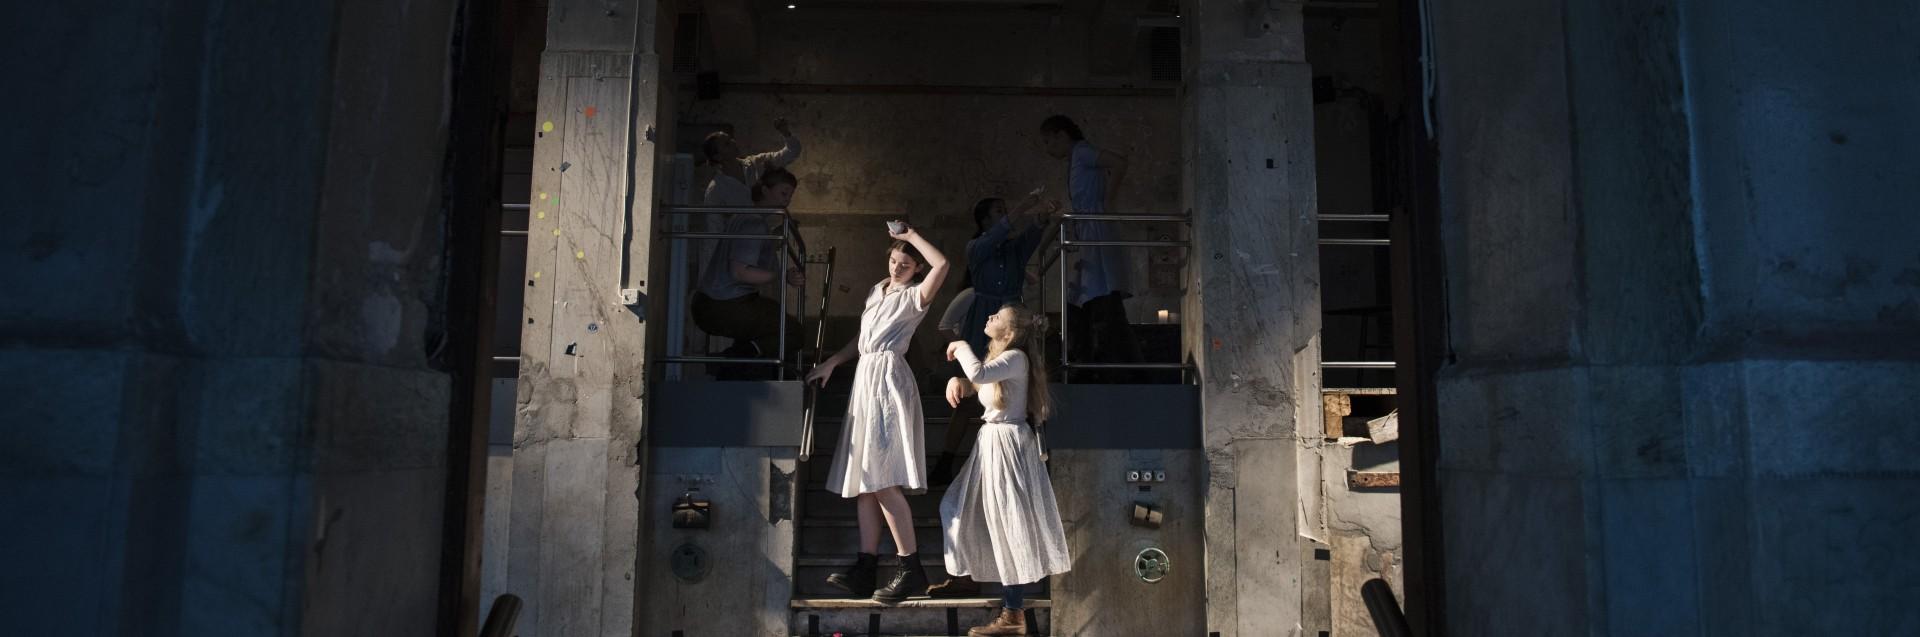 Immersive Theatre var en danseforestilling som ble holdt på Tou Scene høsten 2018. Foto: Marie von Krogh